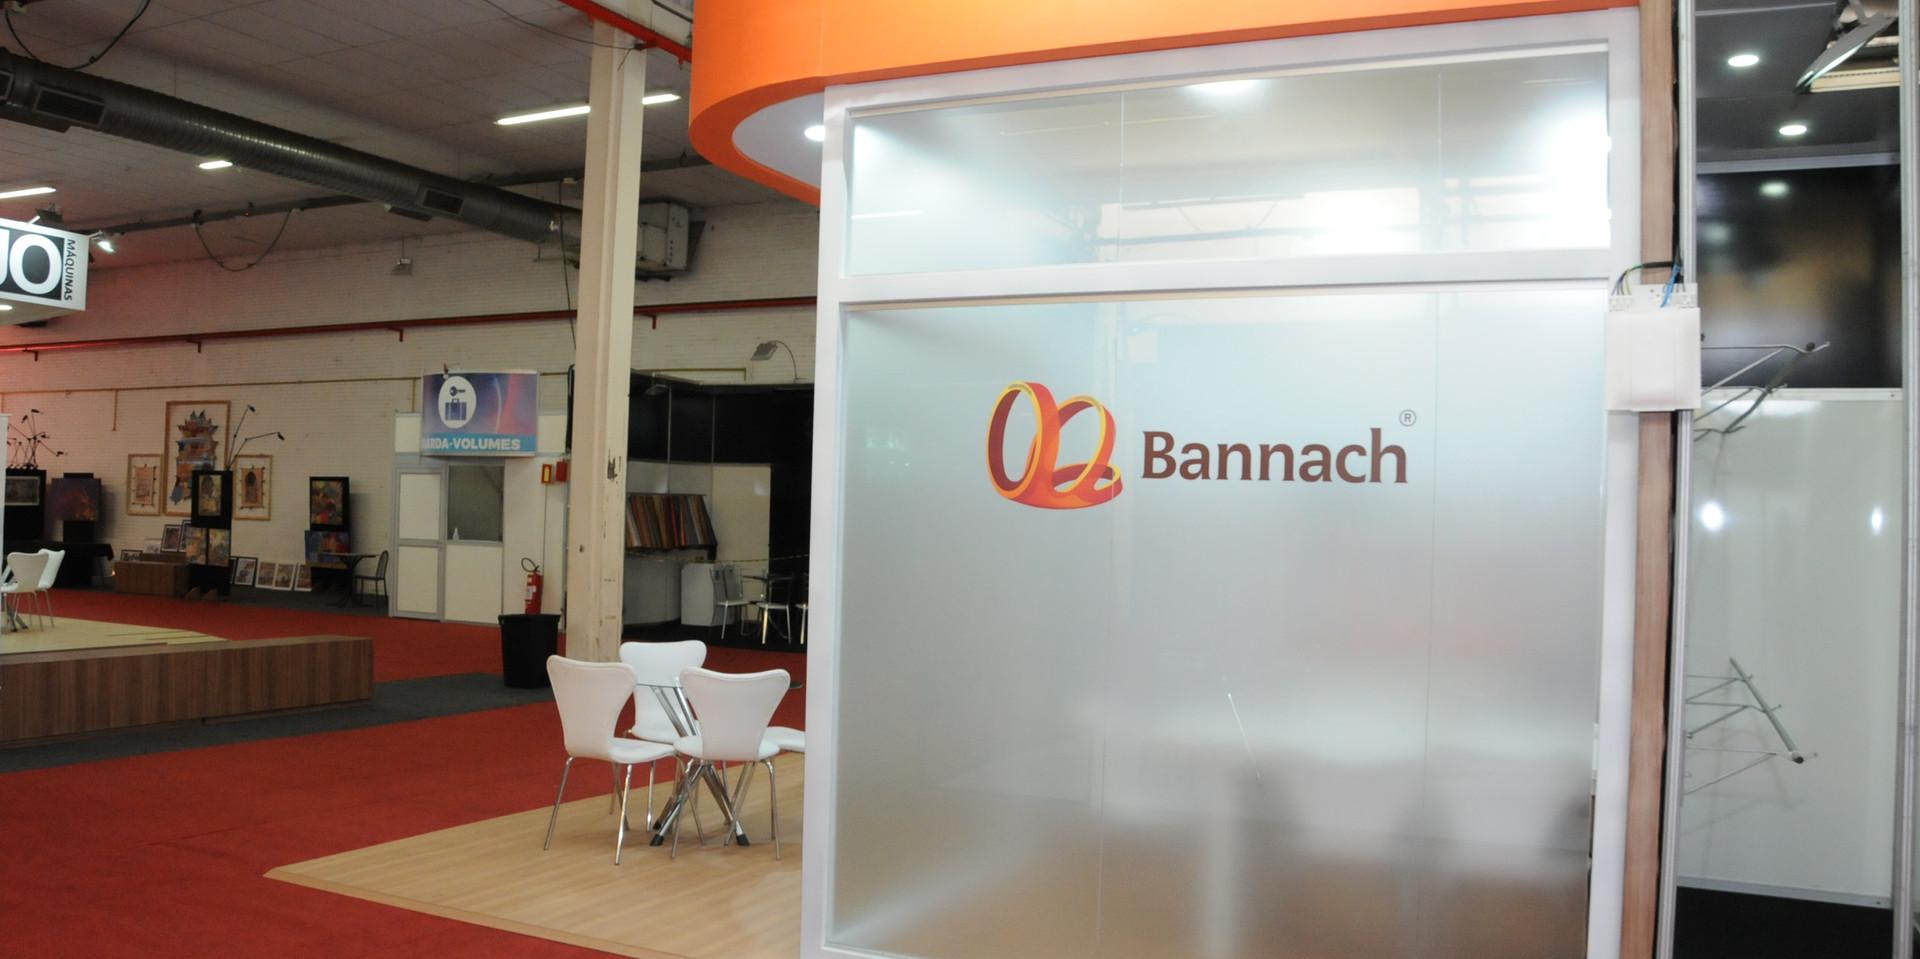 Bannach_(2)[1].JPG